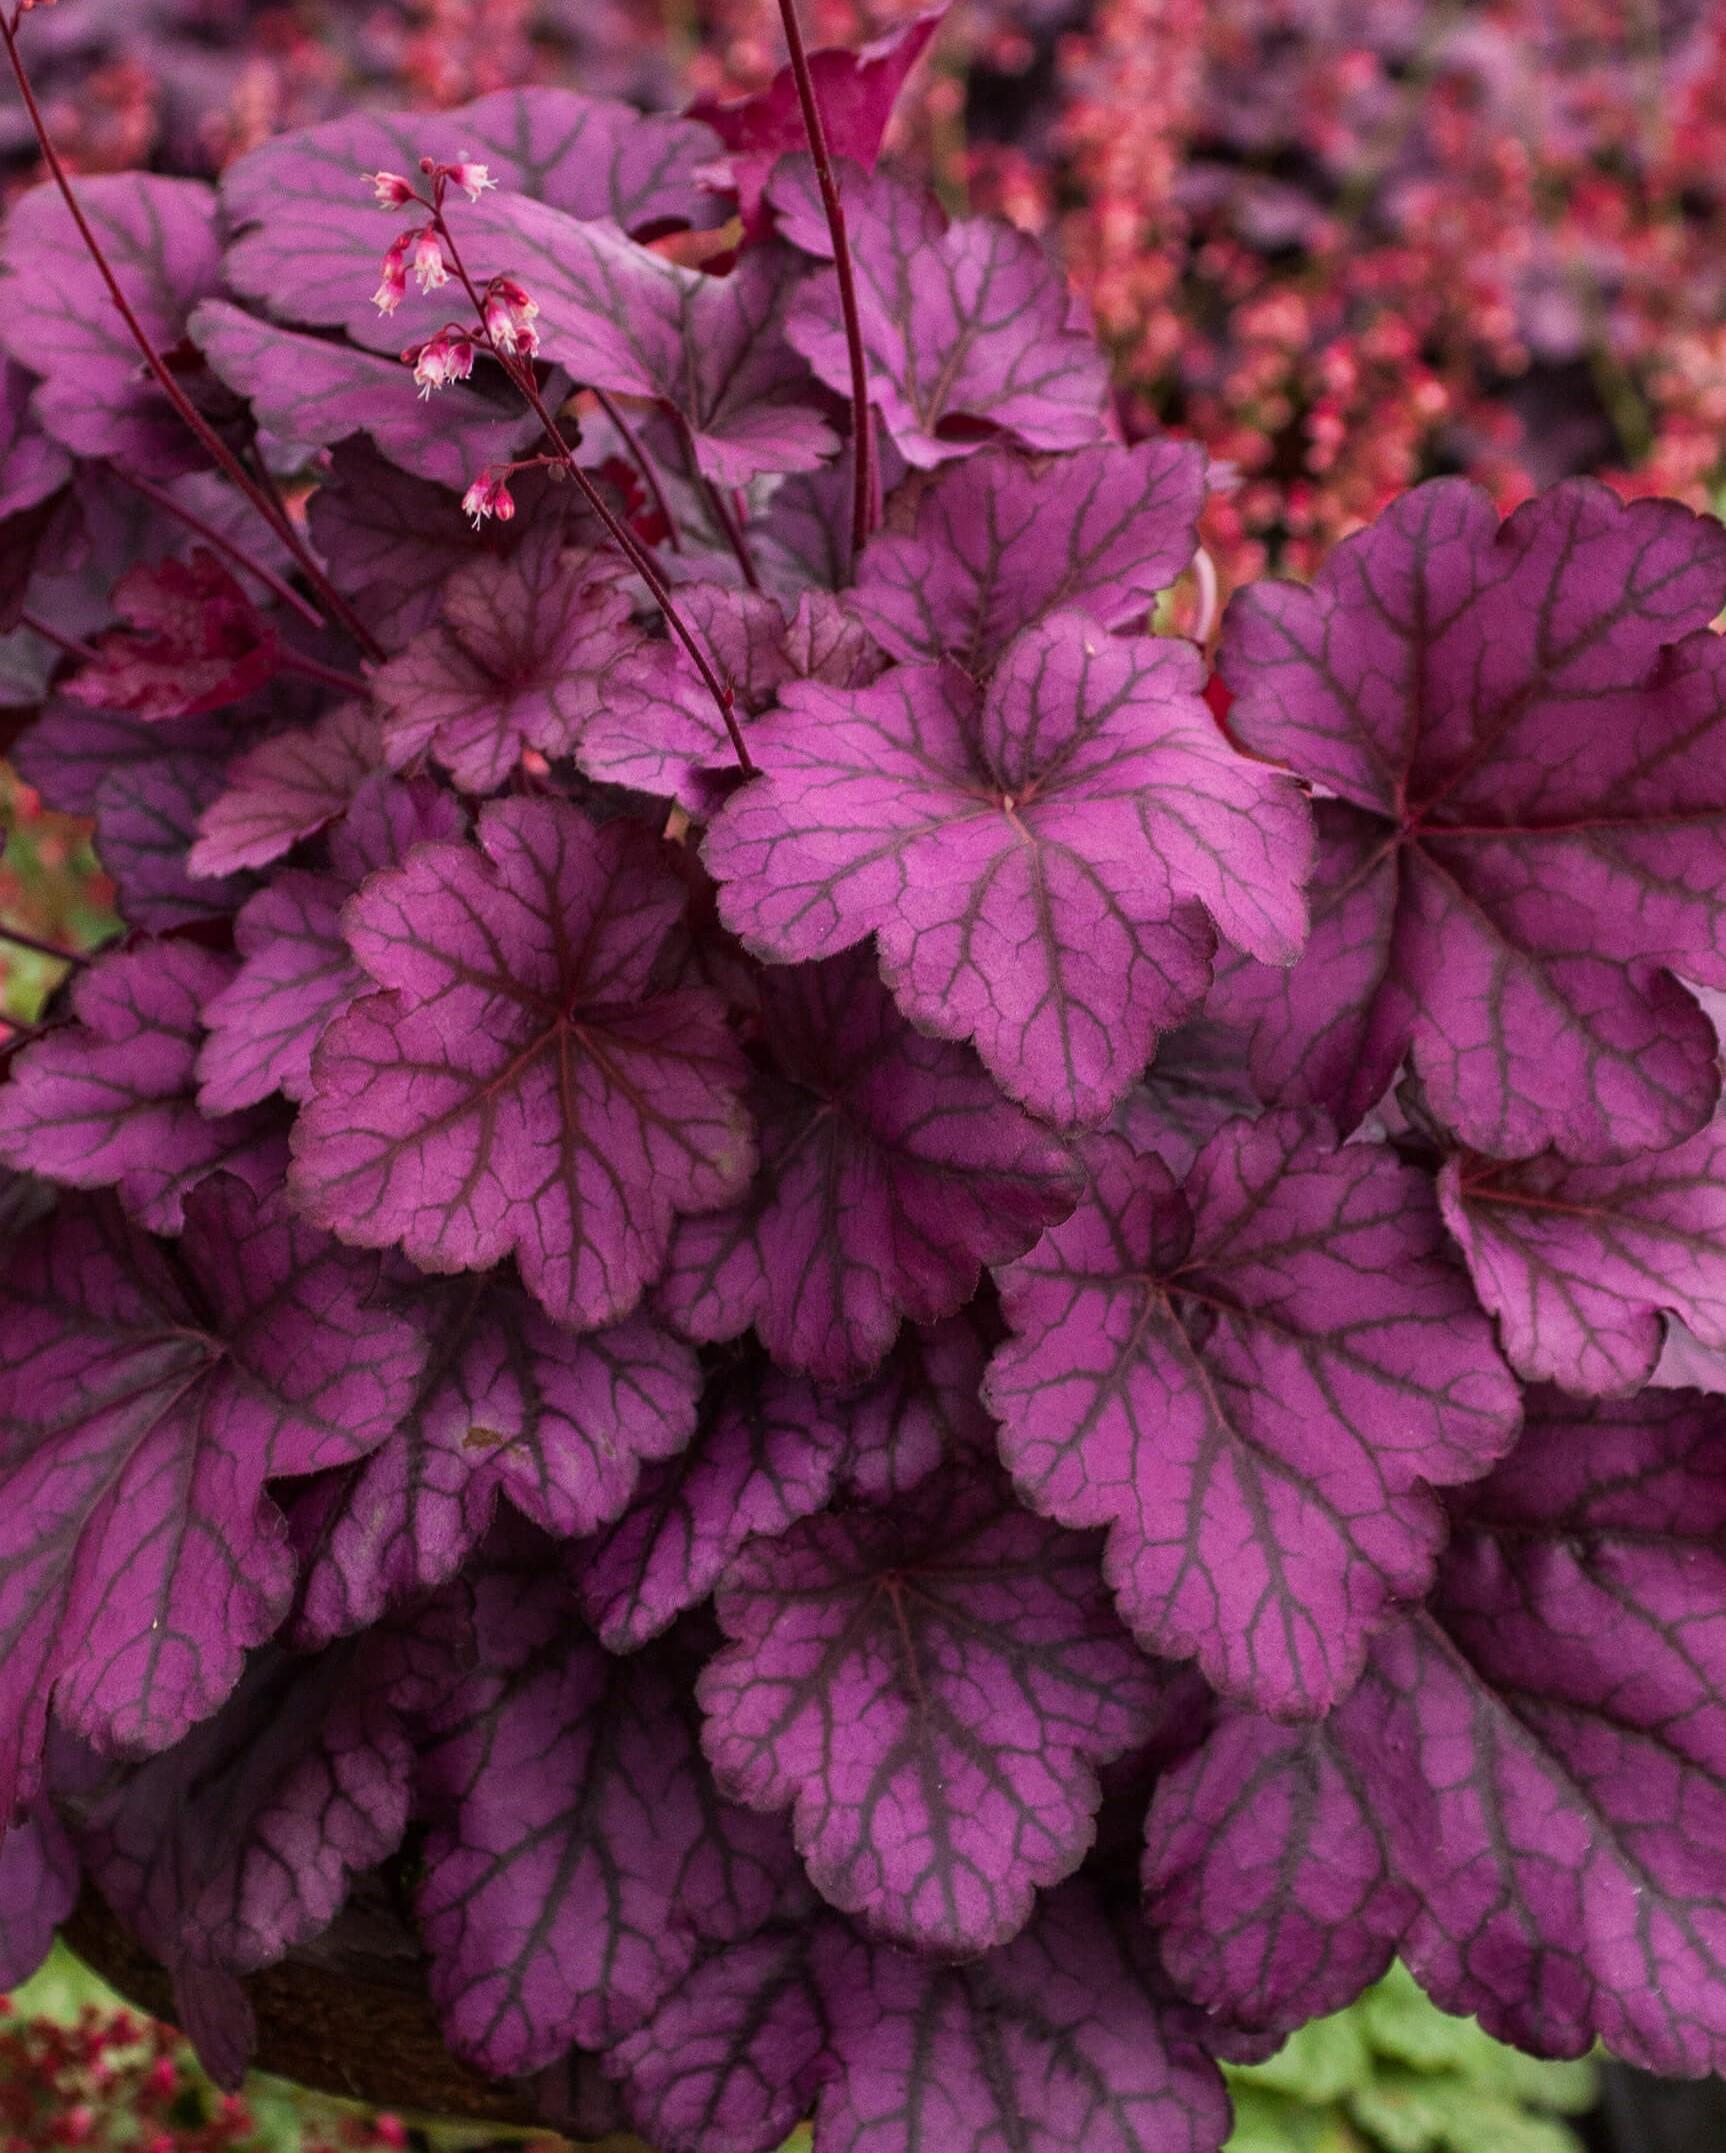 Purpurglöckchen (Heuchera) 'Wild Rose' T12, dunkelrosa - winterhart